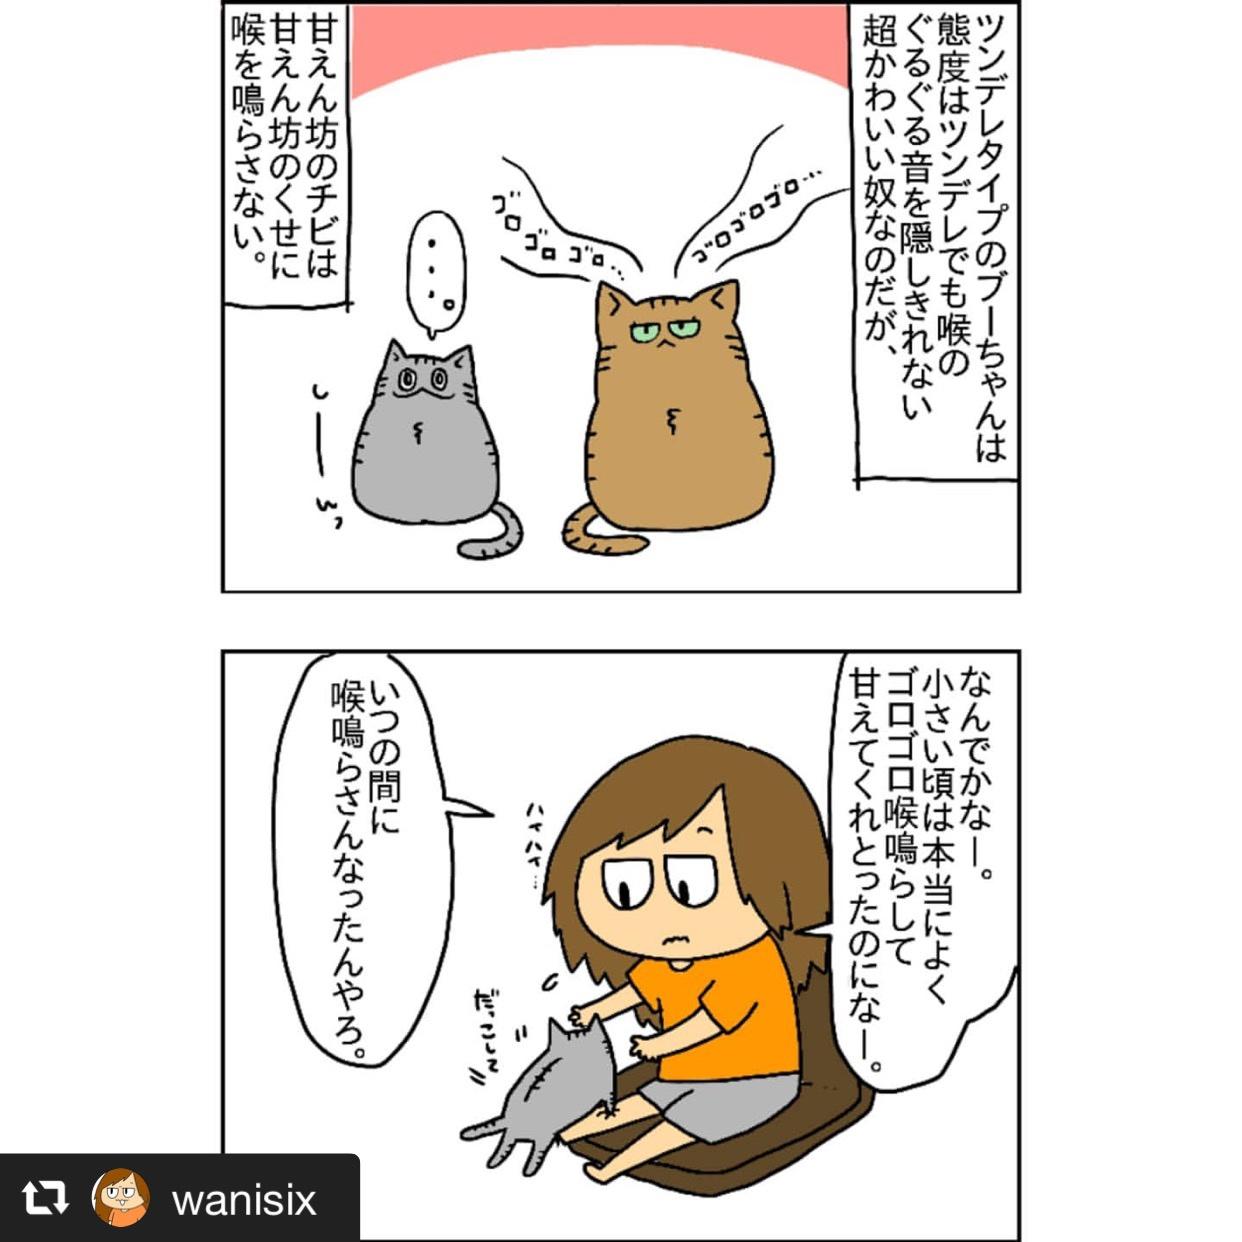 飼い猫チビちゃんのゴロゴロ音 画像1